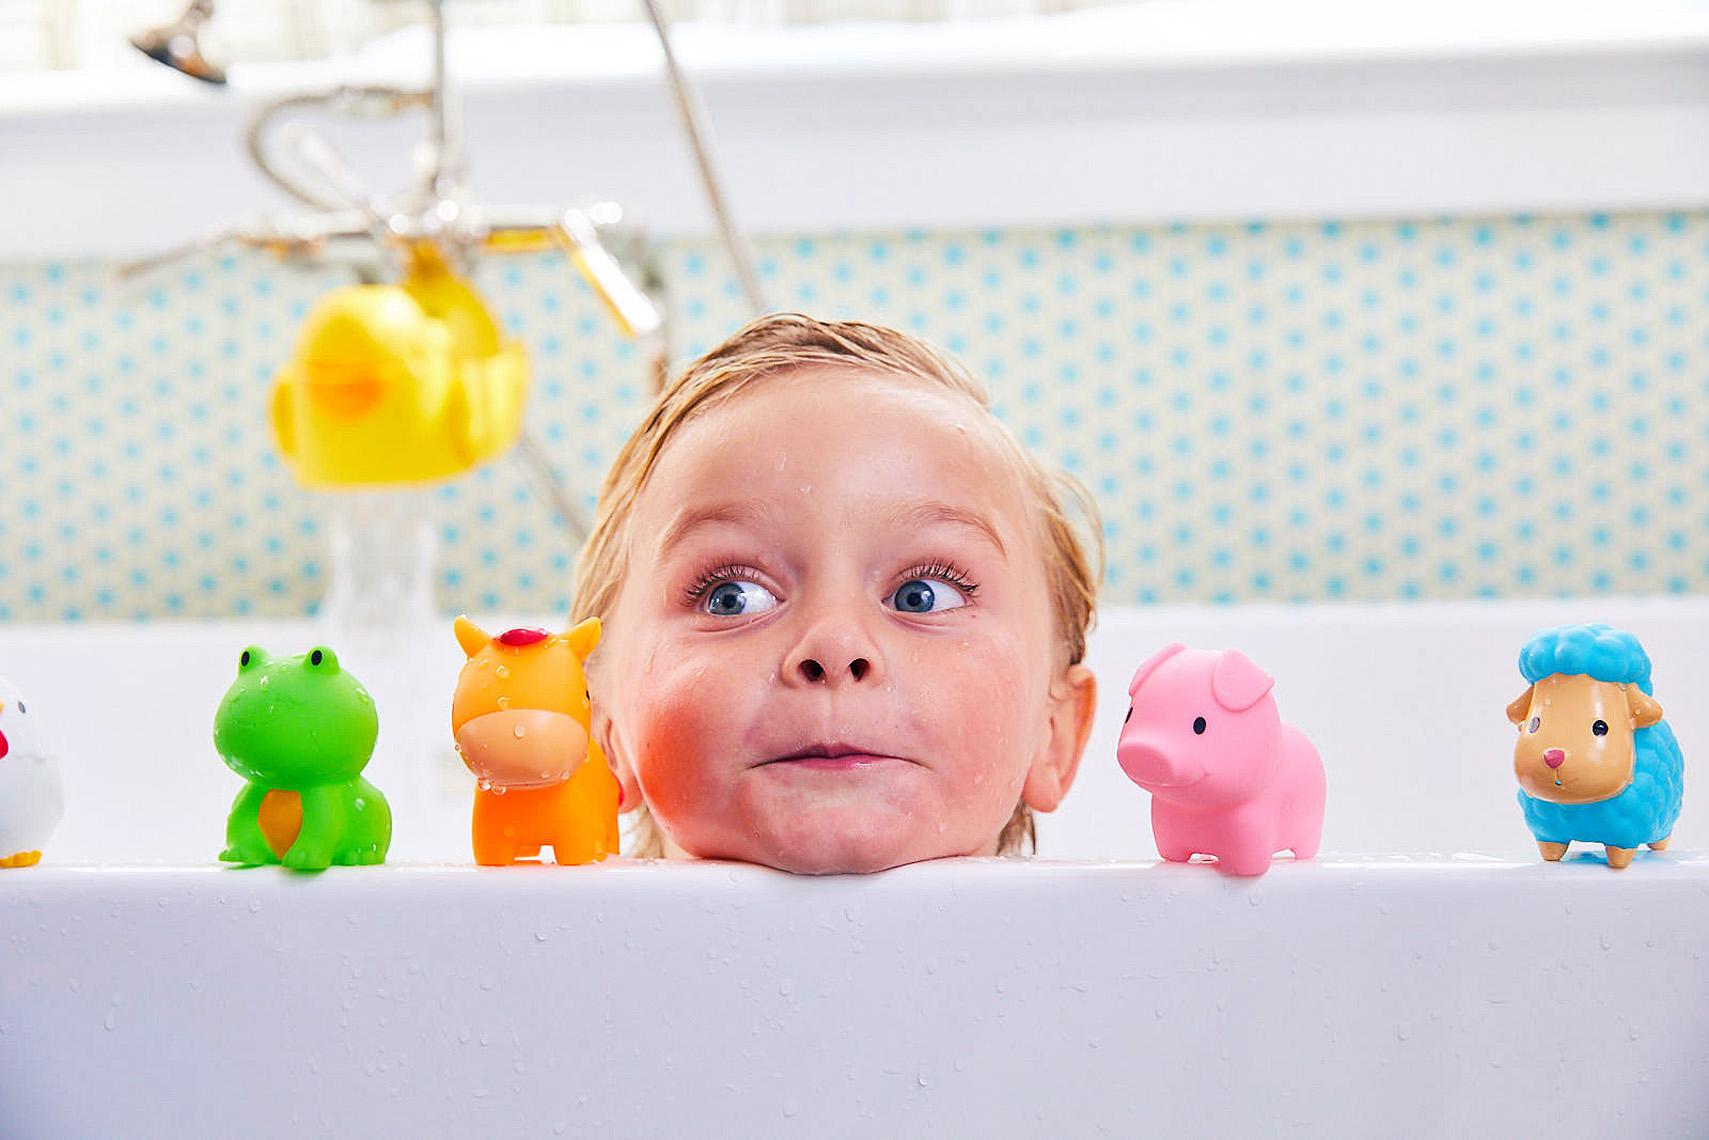 web_S3_43882_43882_Farm_Bath_Squirts_0472.jpg